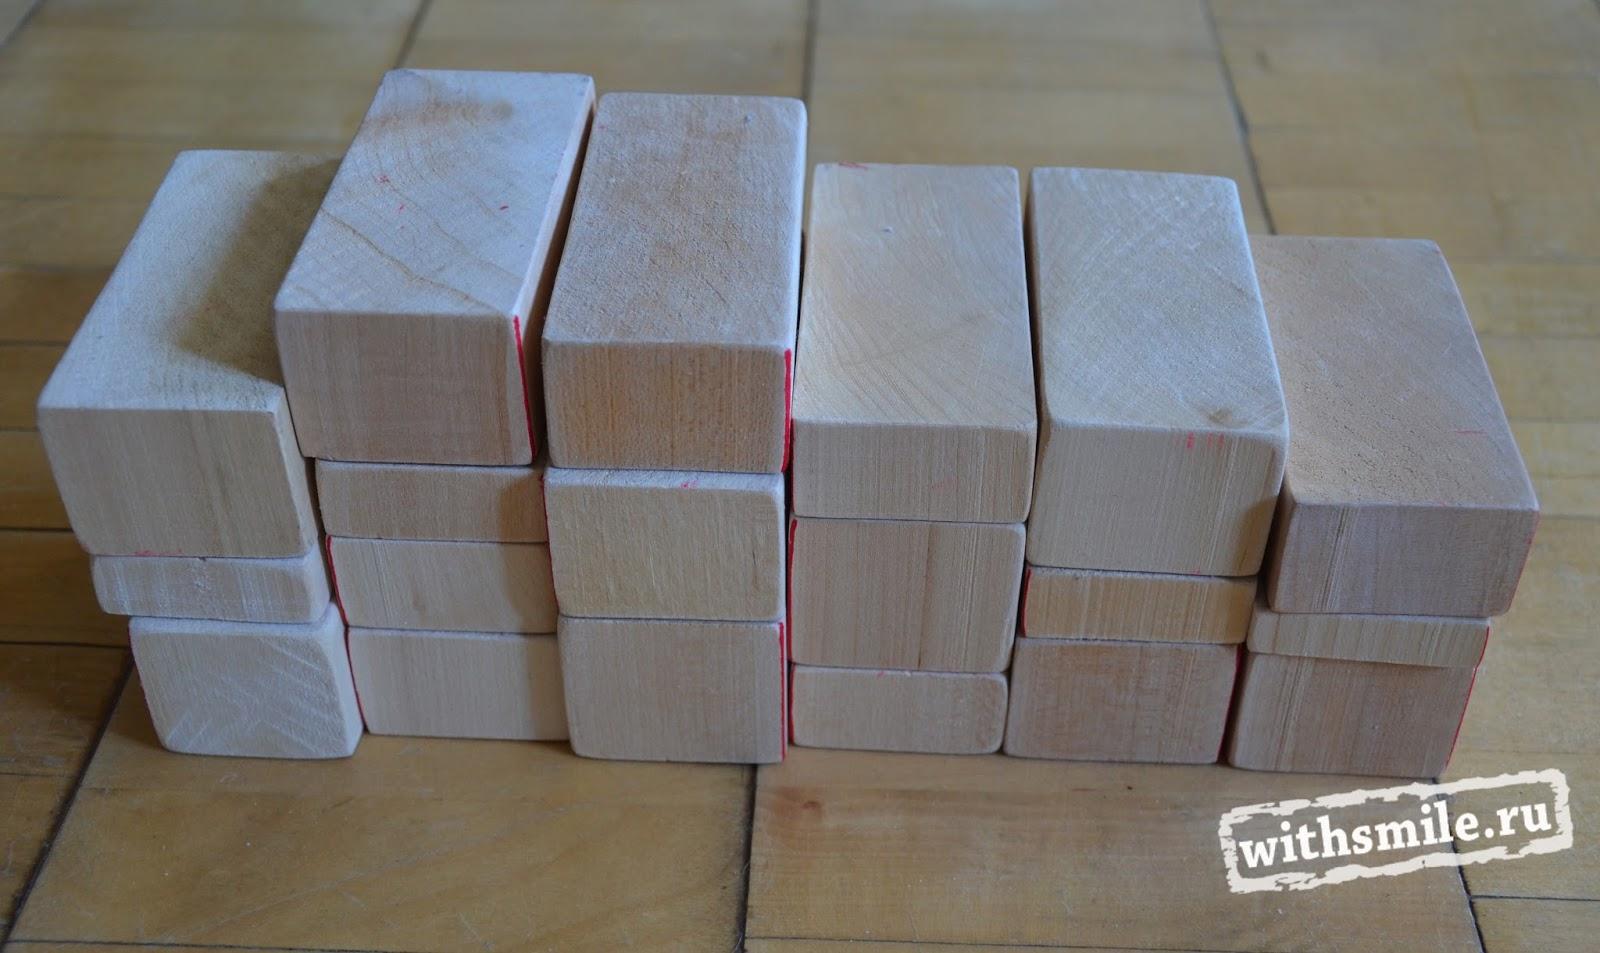 деревянные кубики, строительный материал, игры с кубиками,